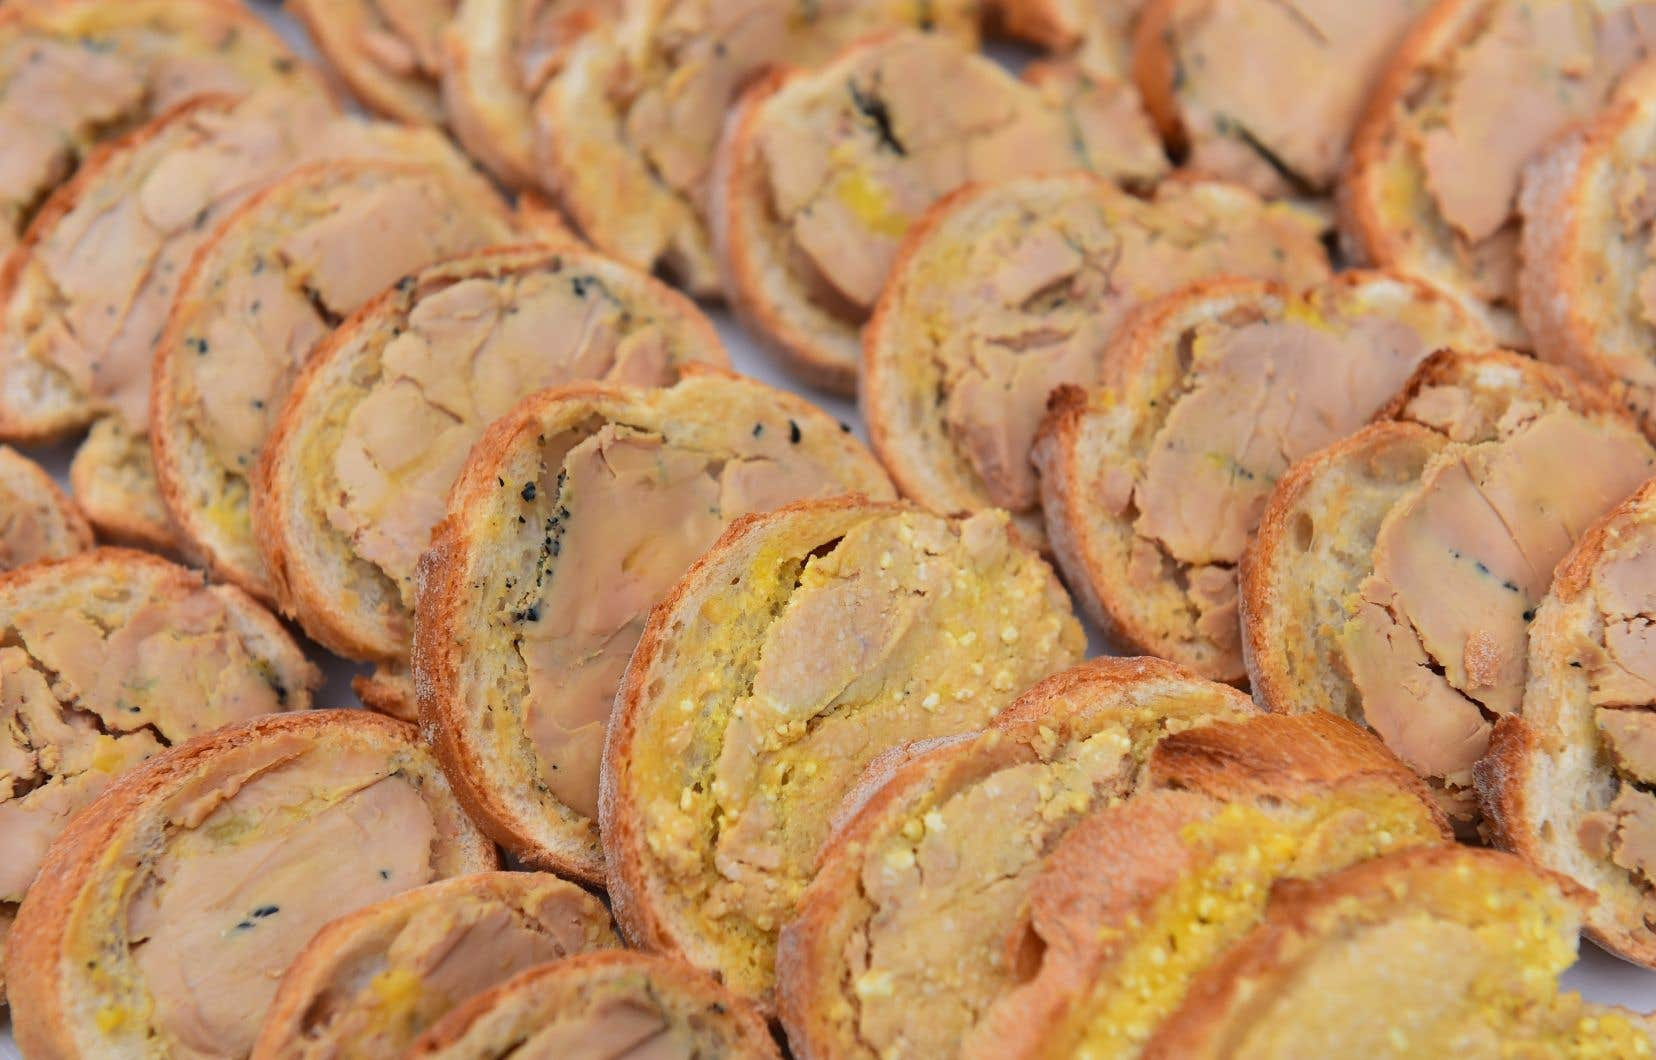 La Cour suprême des États-Unis a confirmé l'interdiction du foie gras en Californie, mettant ainsi fin à une longue bataille juridique entre les défenseurs des droits des animaux et les défenseursde ce mets de luxe.